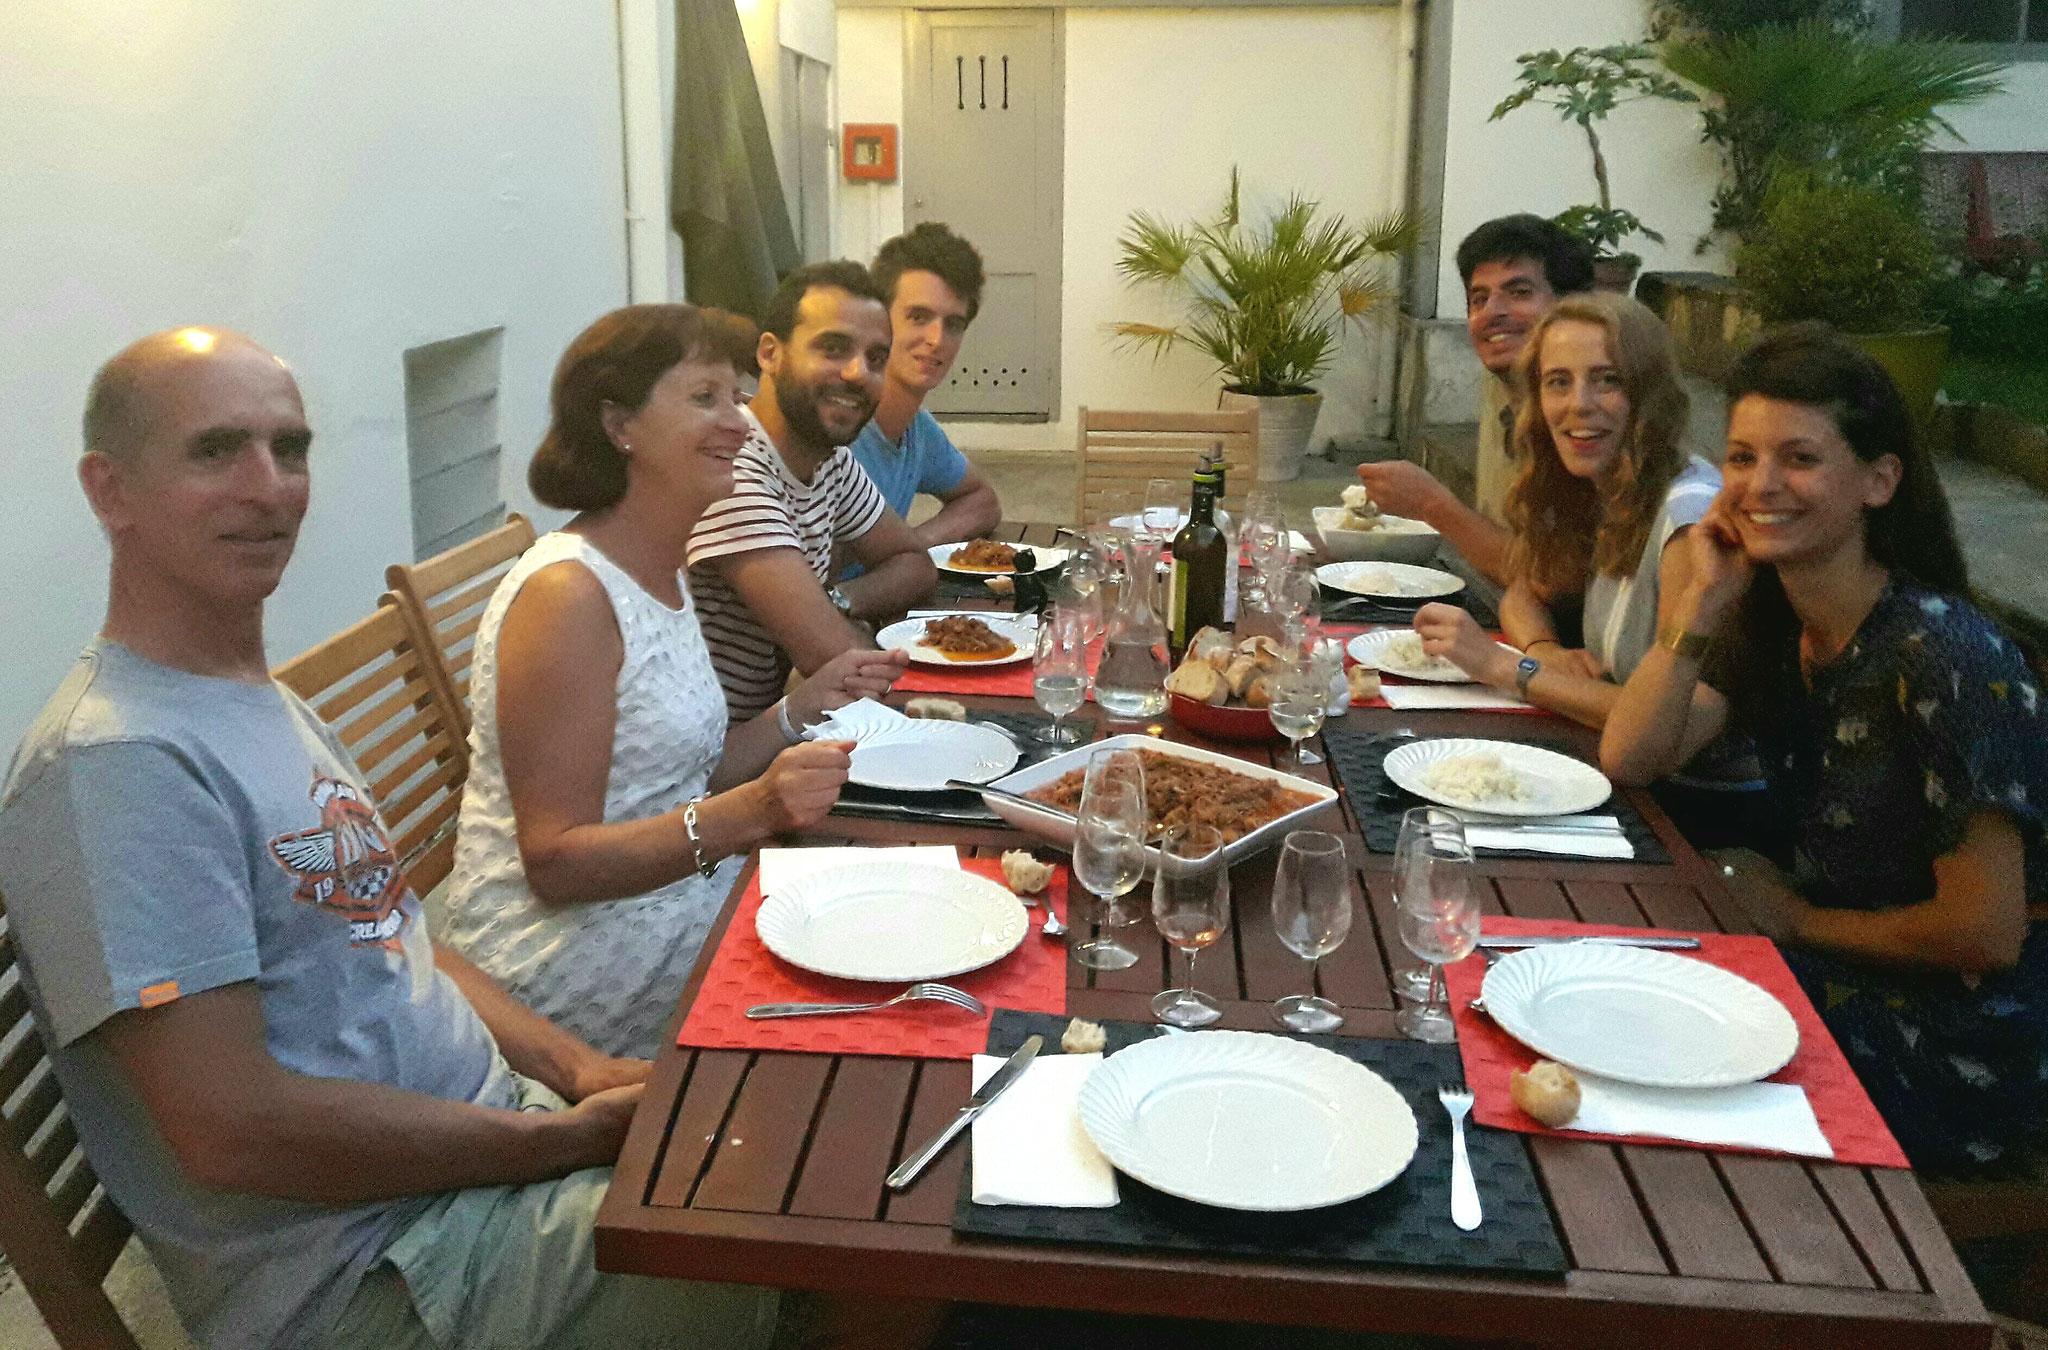 Séjour en famille en chambres d'hôtes, La Parenthèse près de Bordeaux